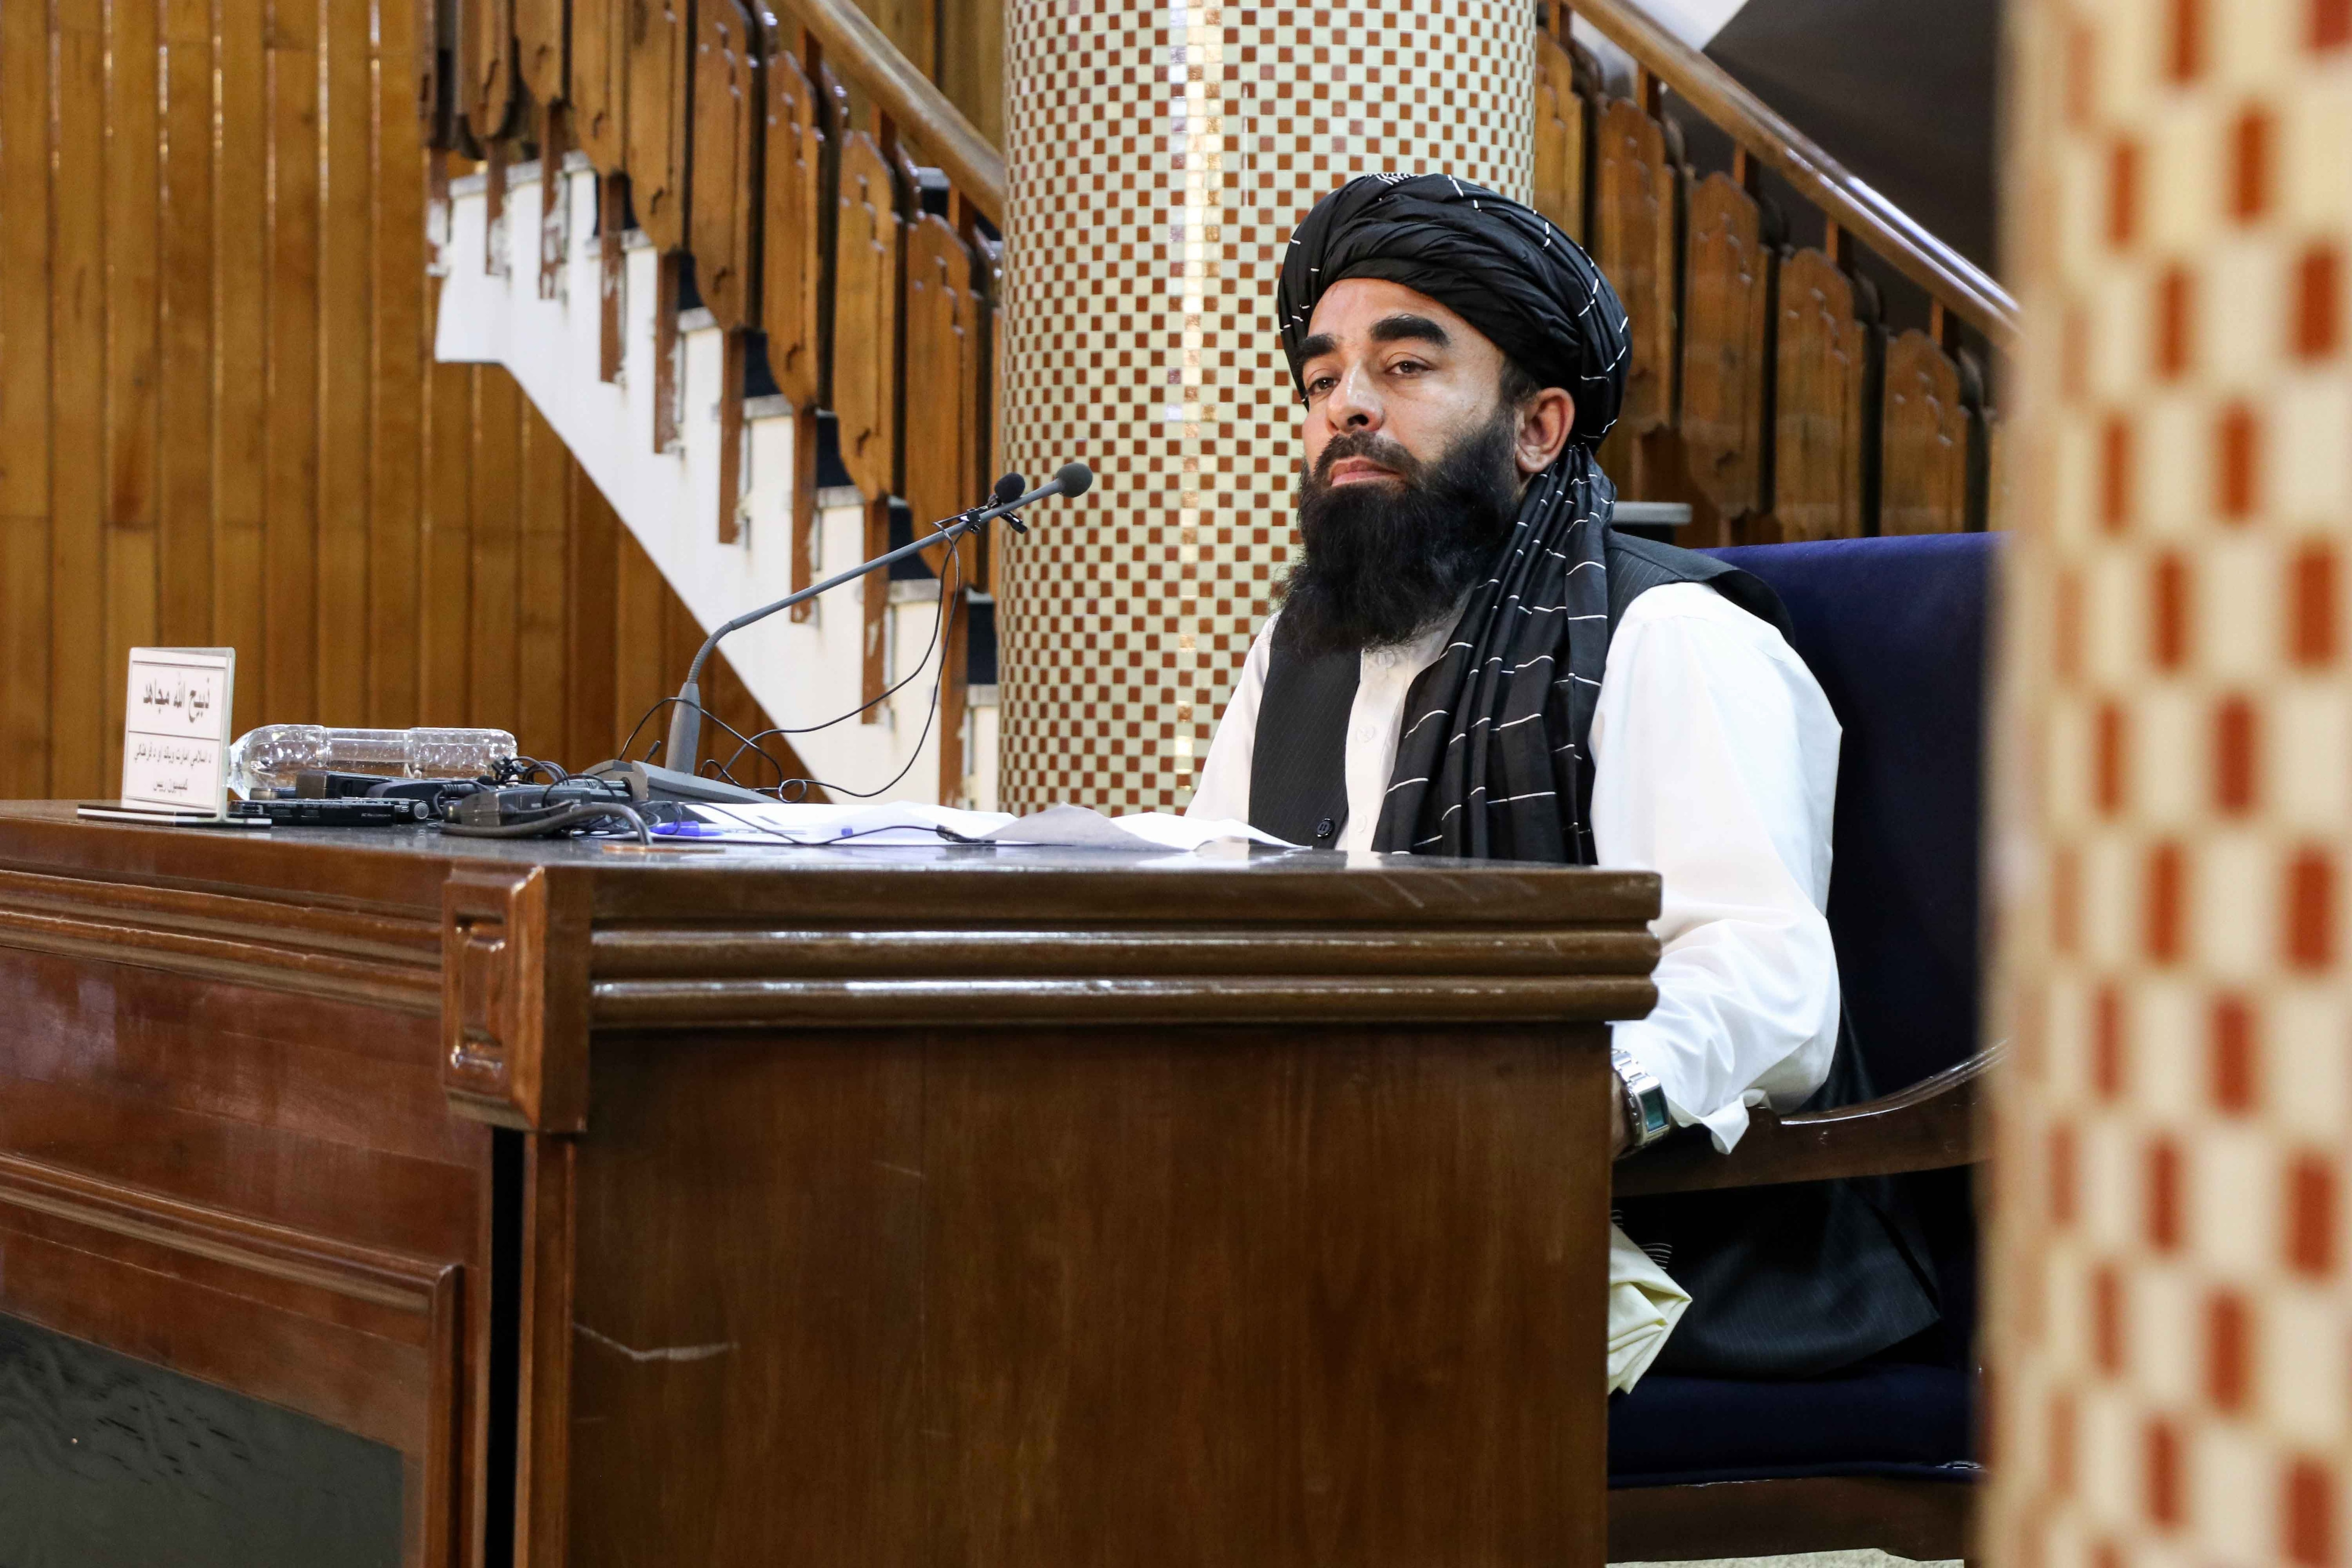 El viceministro de comunicaciones del Gobierno islamista y principal portavoz de los talibanes, Zabihullah Mujahid (Foto: EFE)